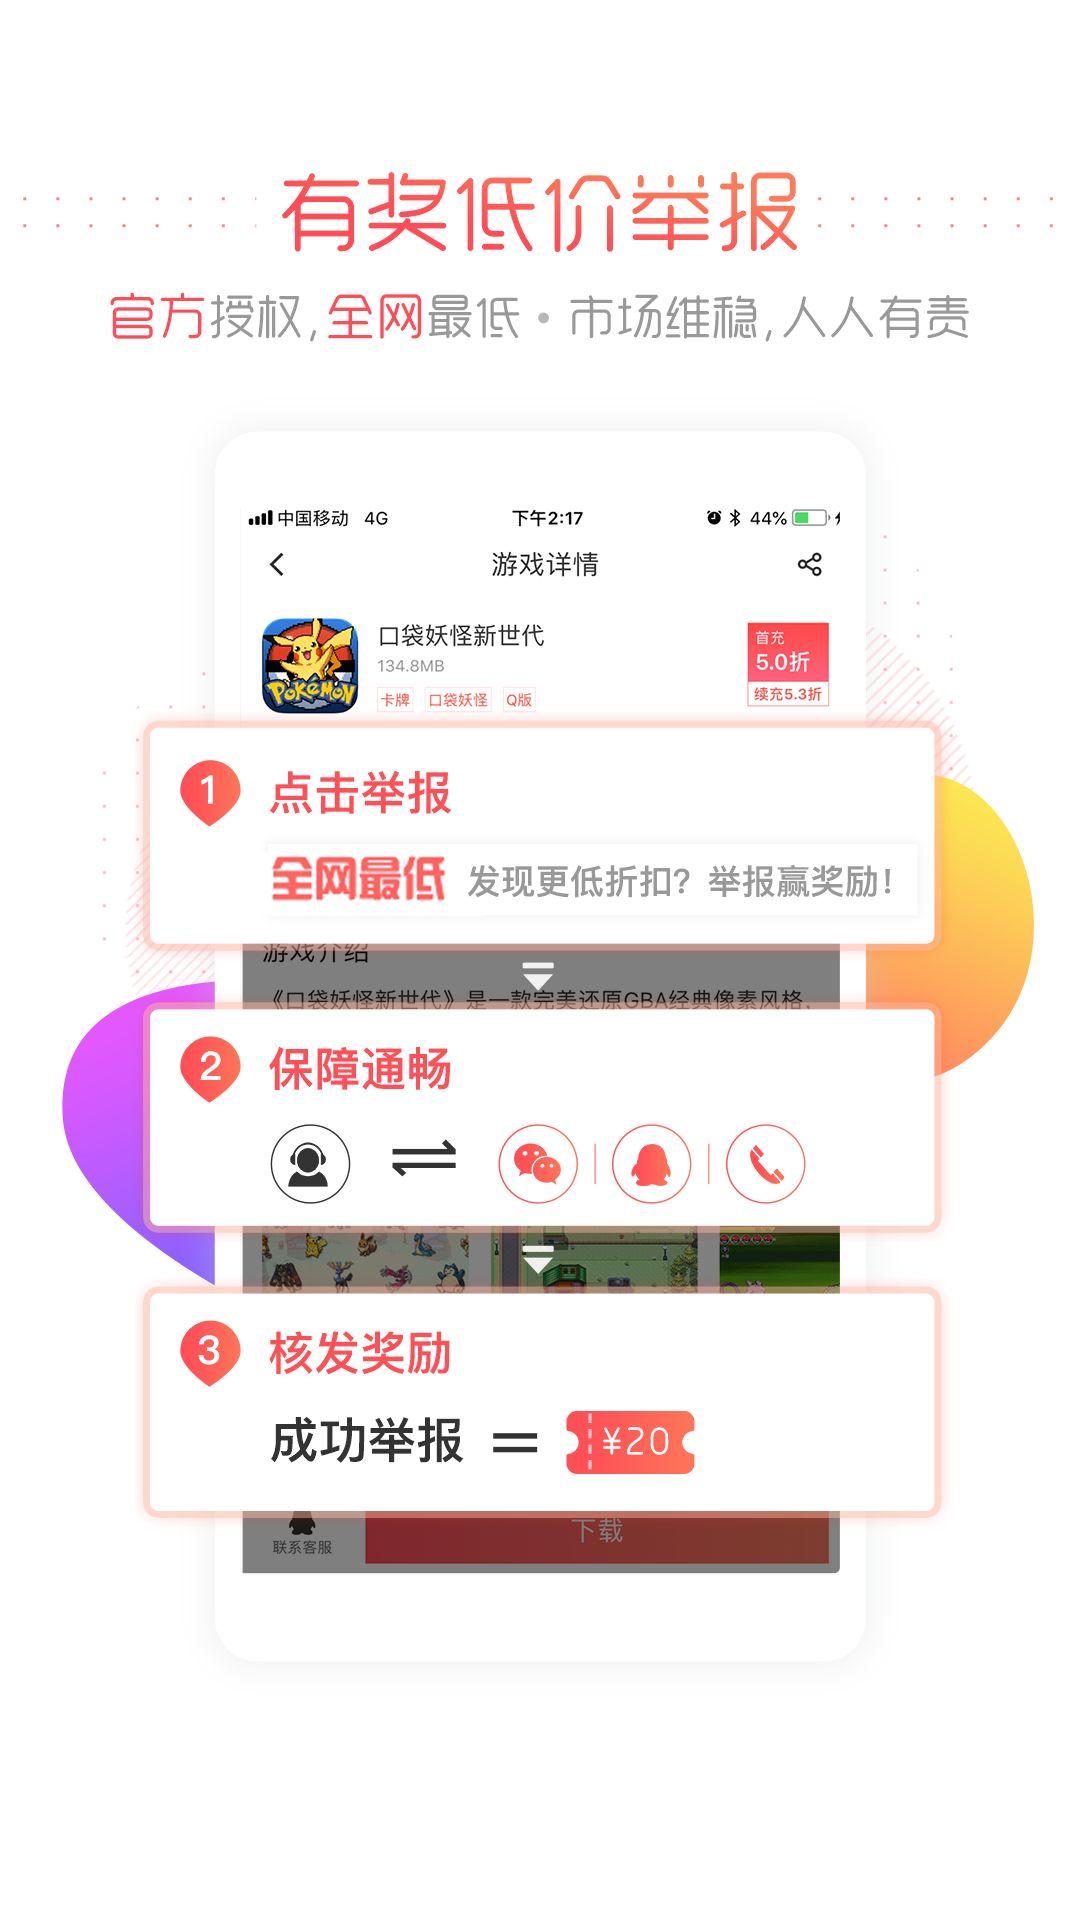 66手游平台官网